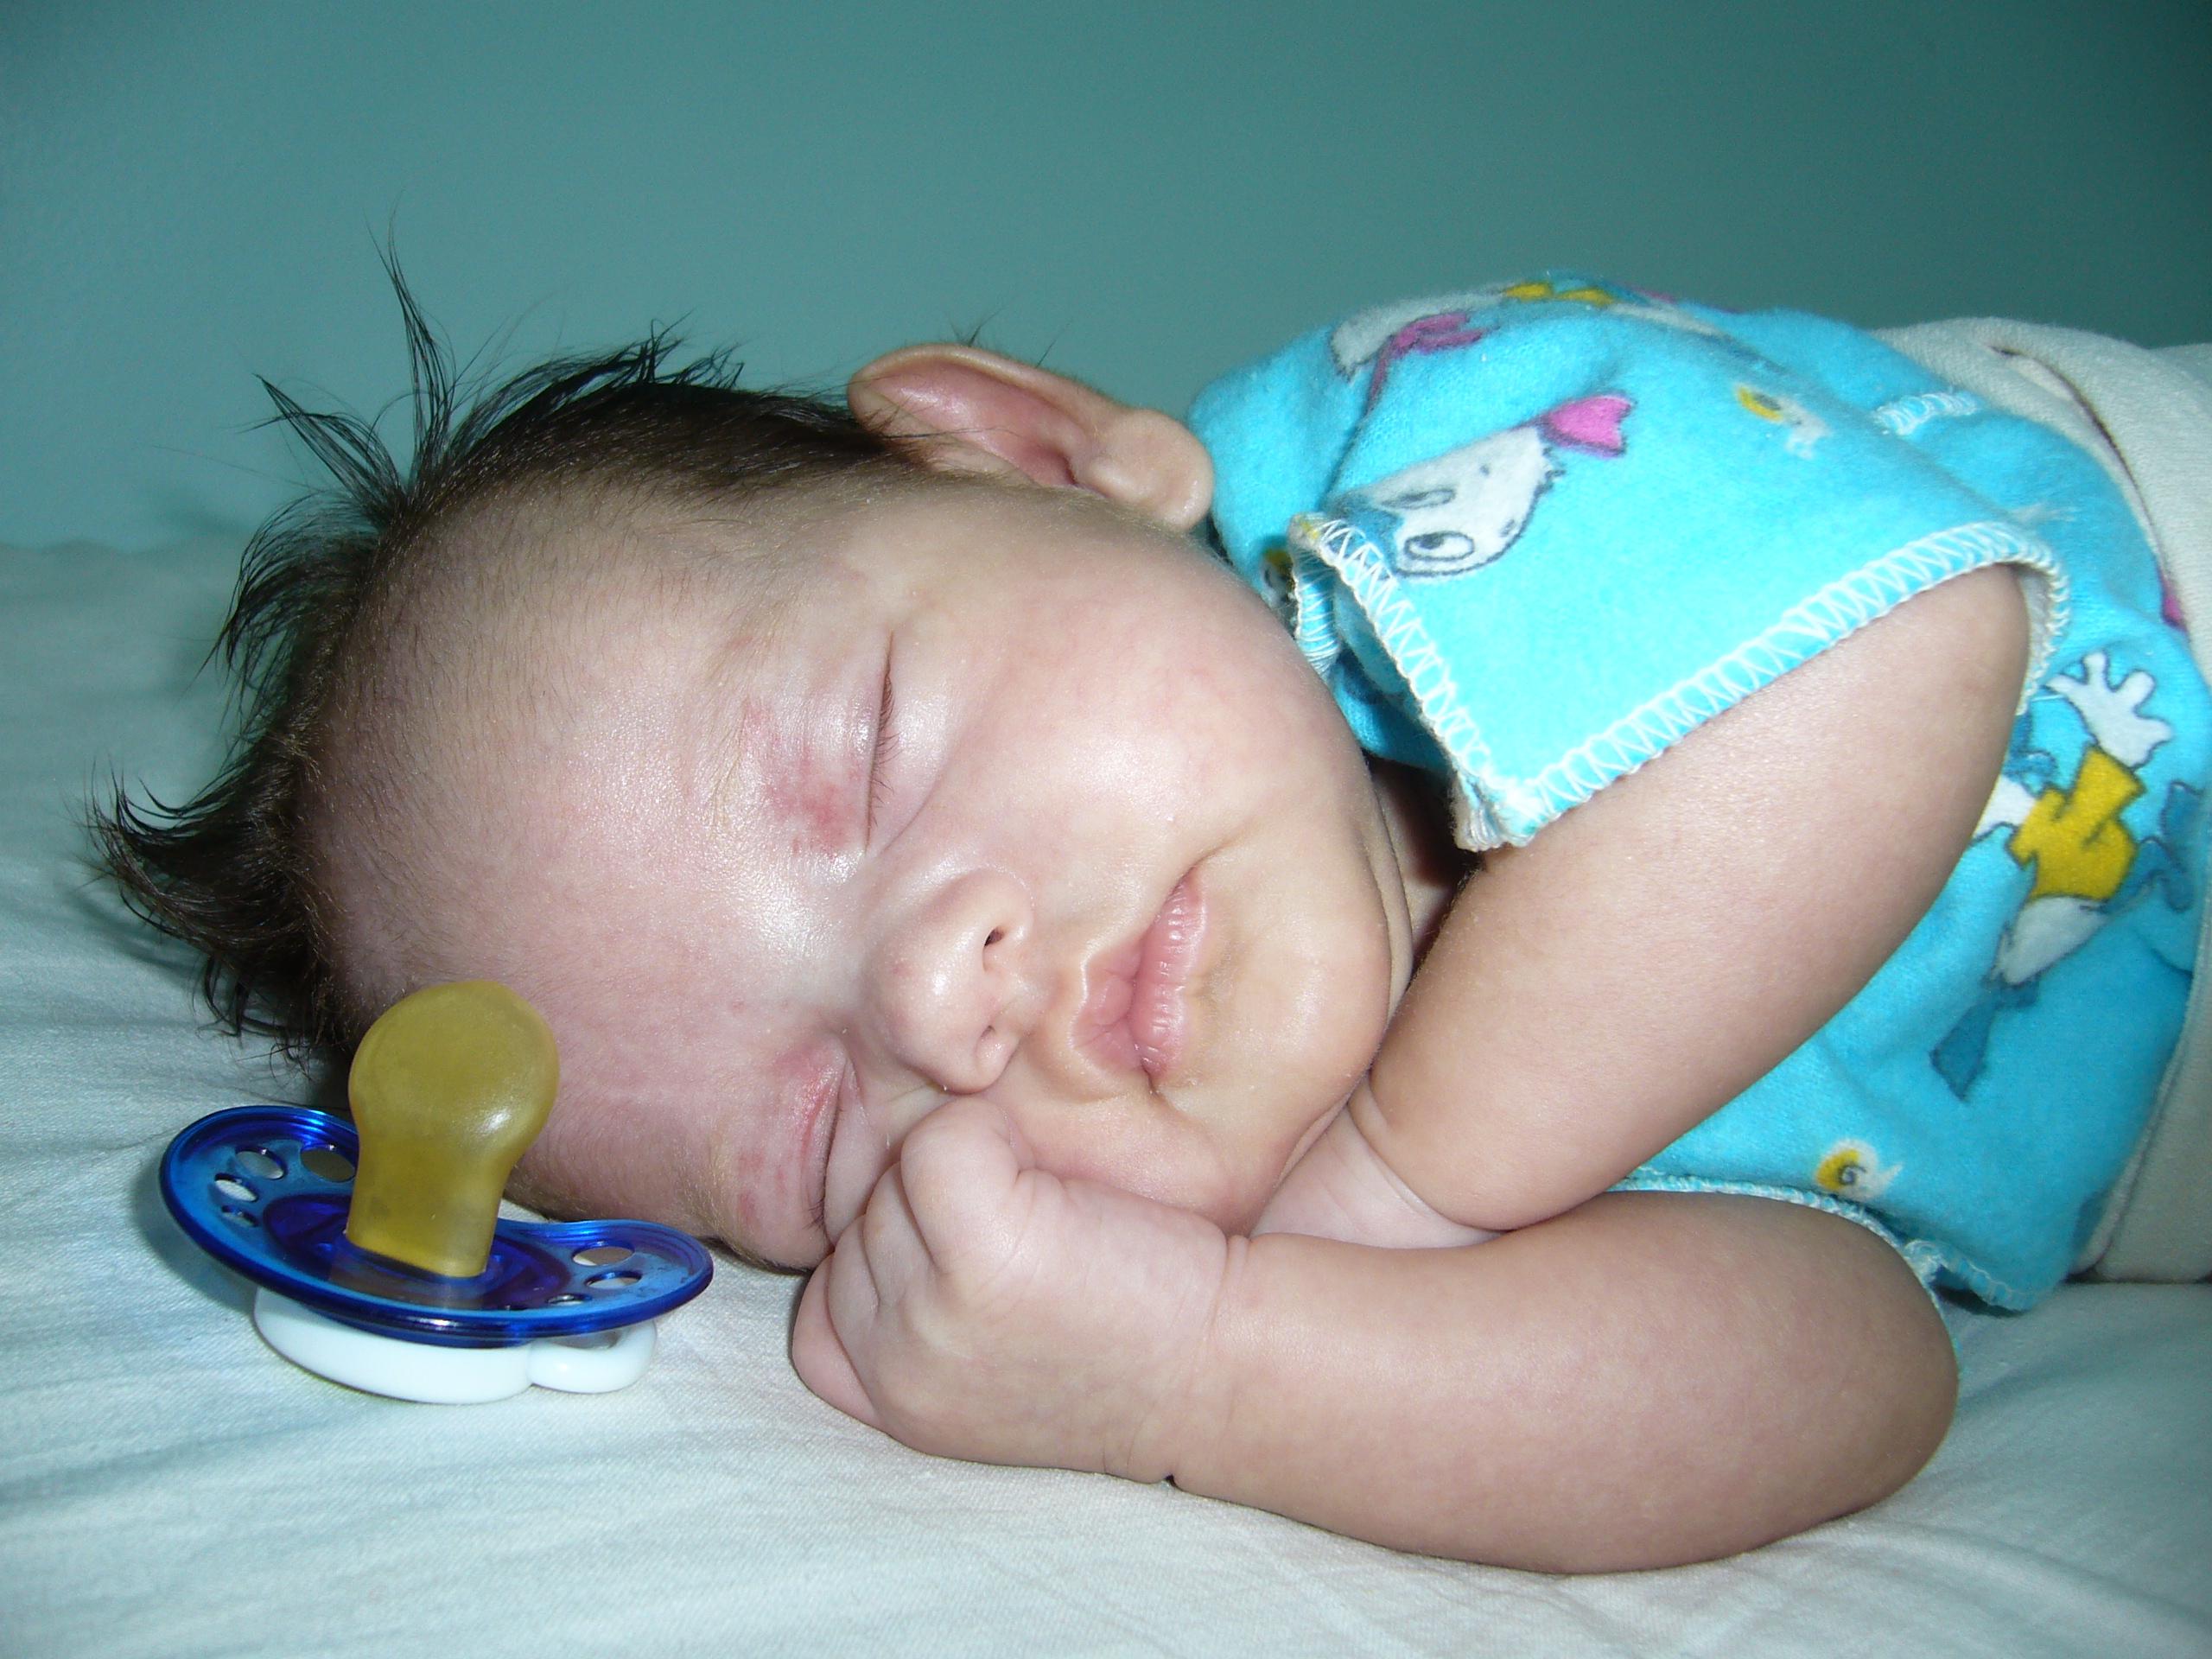 сладкий сон. Спокойной ночи! Кто спит слаще всего?